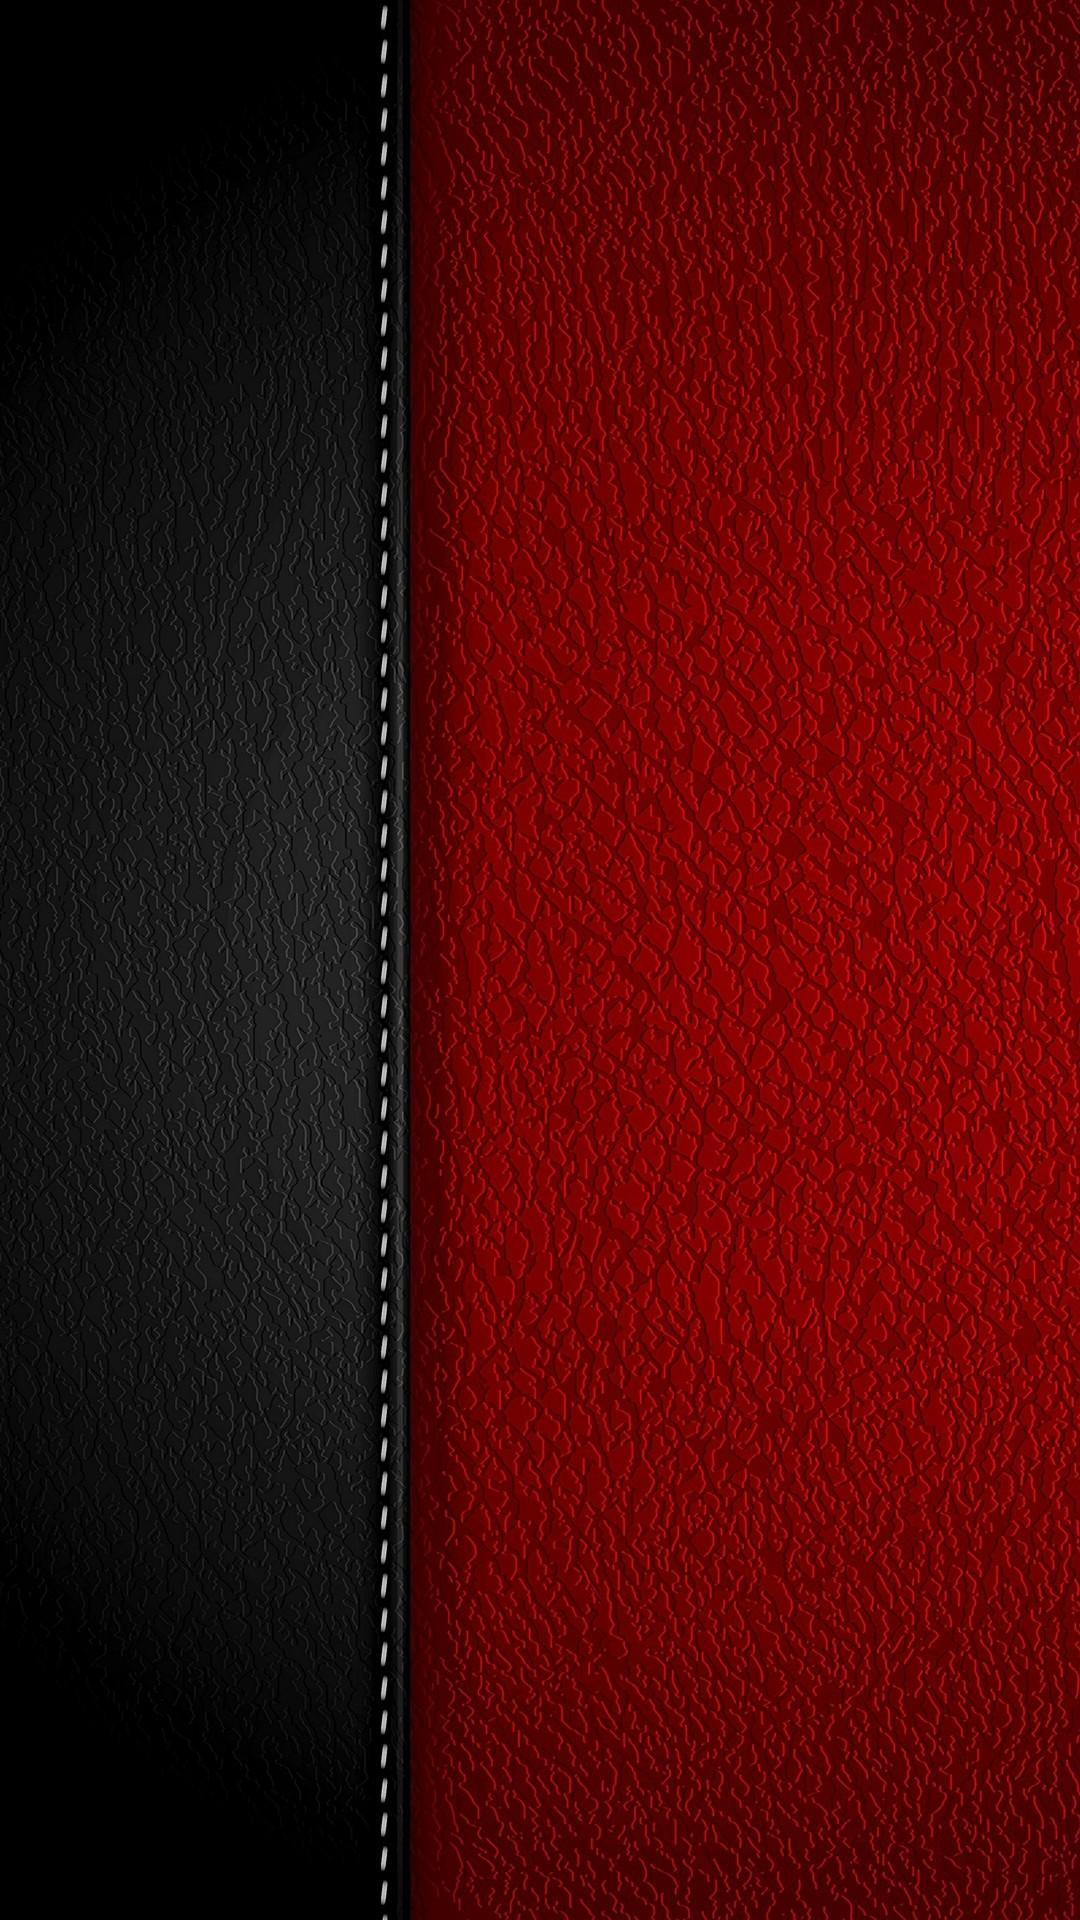 Minimalistic Wallpaper 3